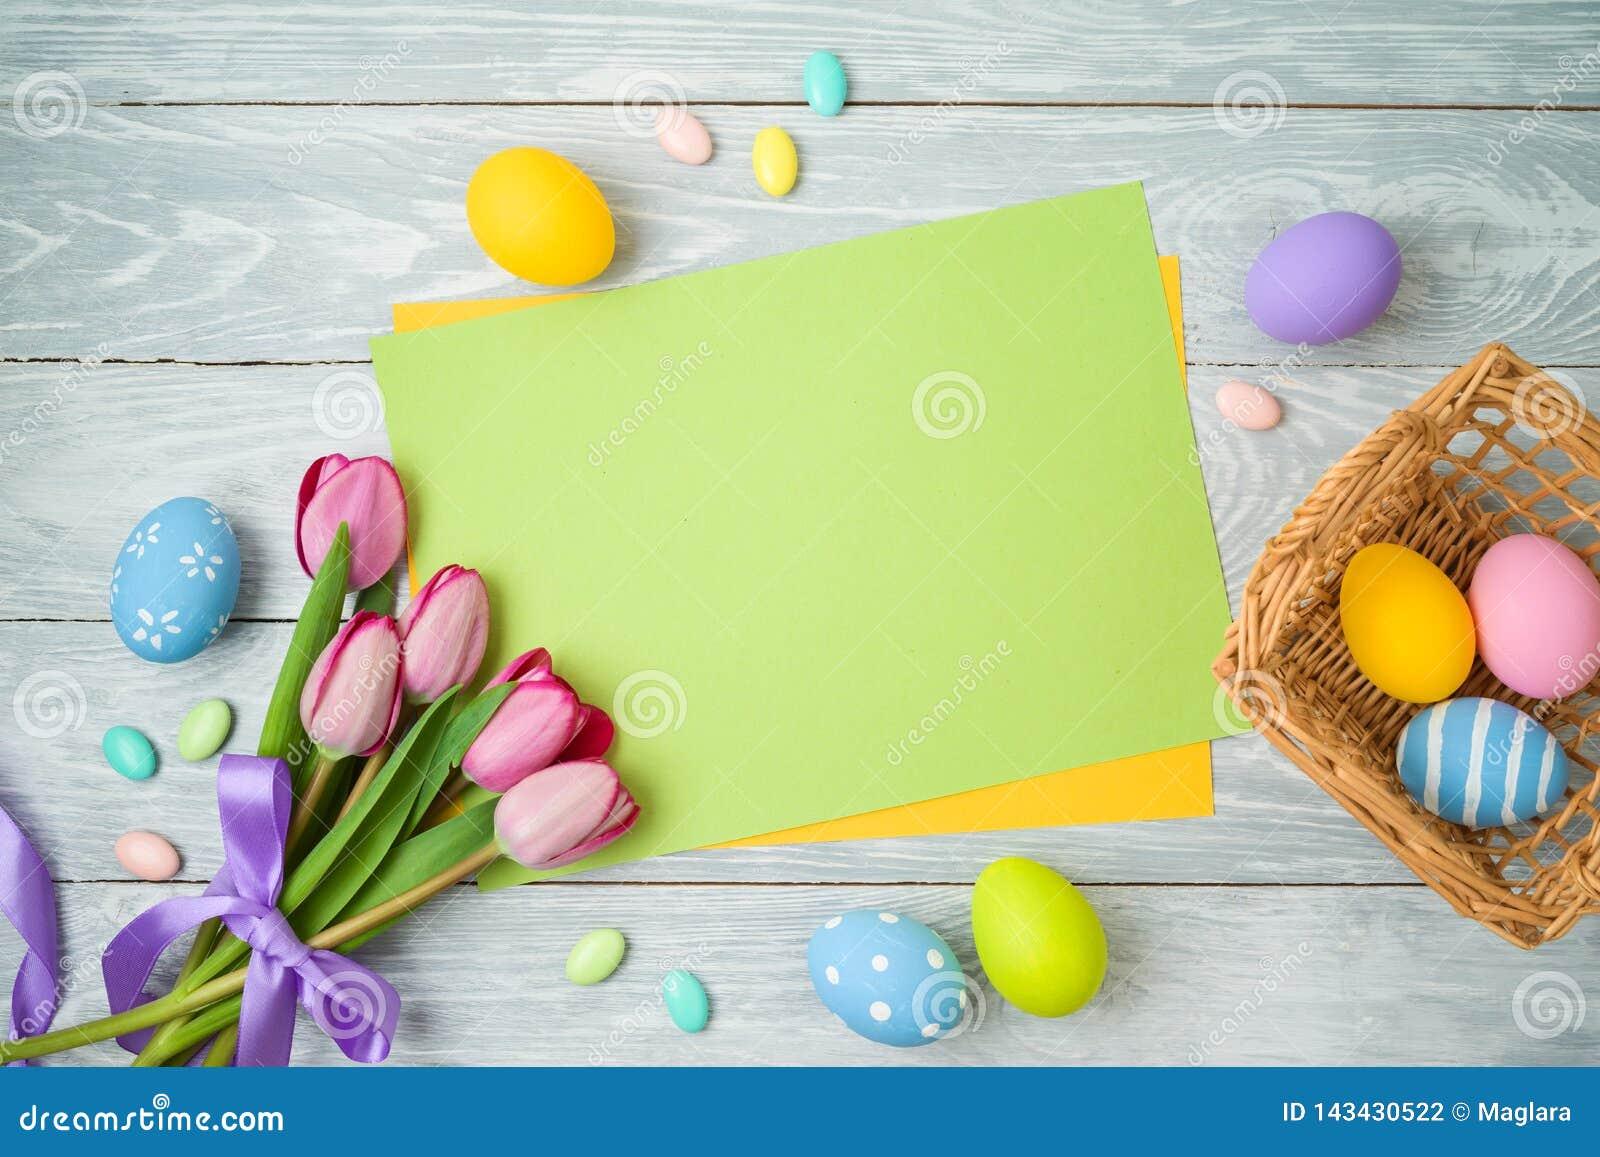 Предпосылка праздника пасхи с примечанием бумаги, пасхальные яйца в корзине и цветки тюльпана на деревянном столе